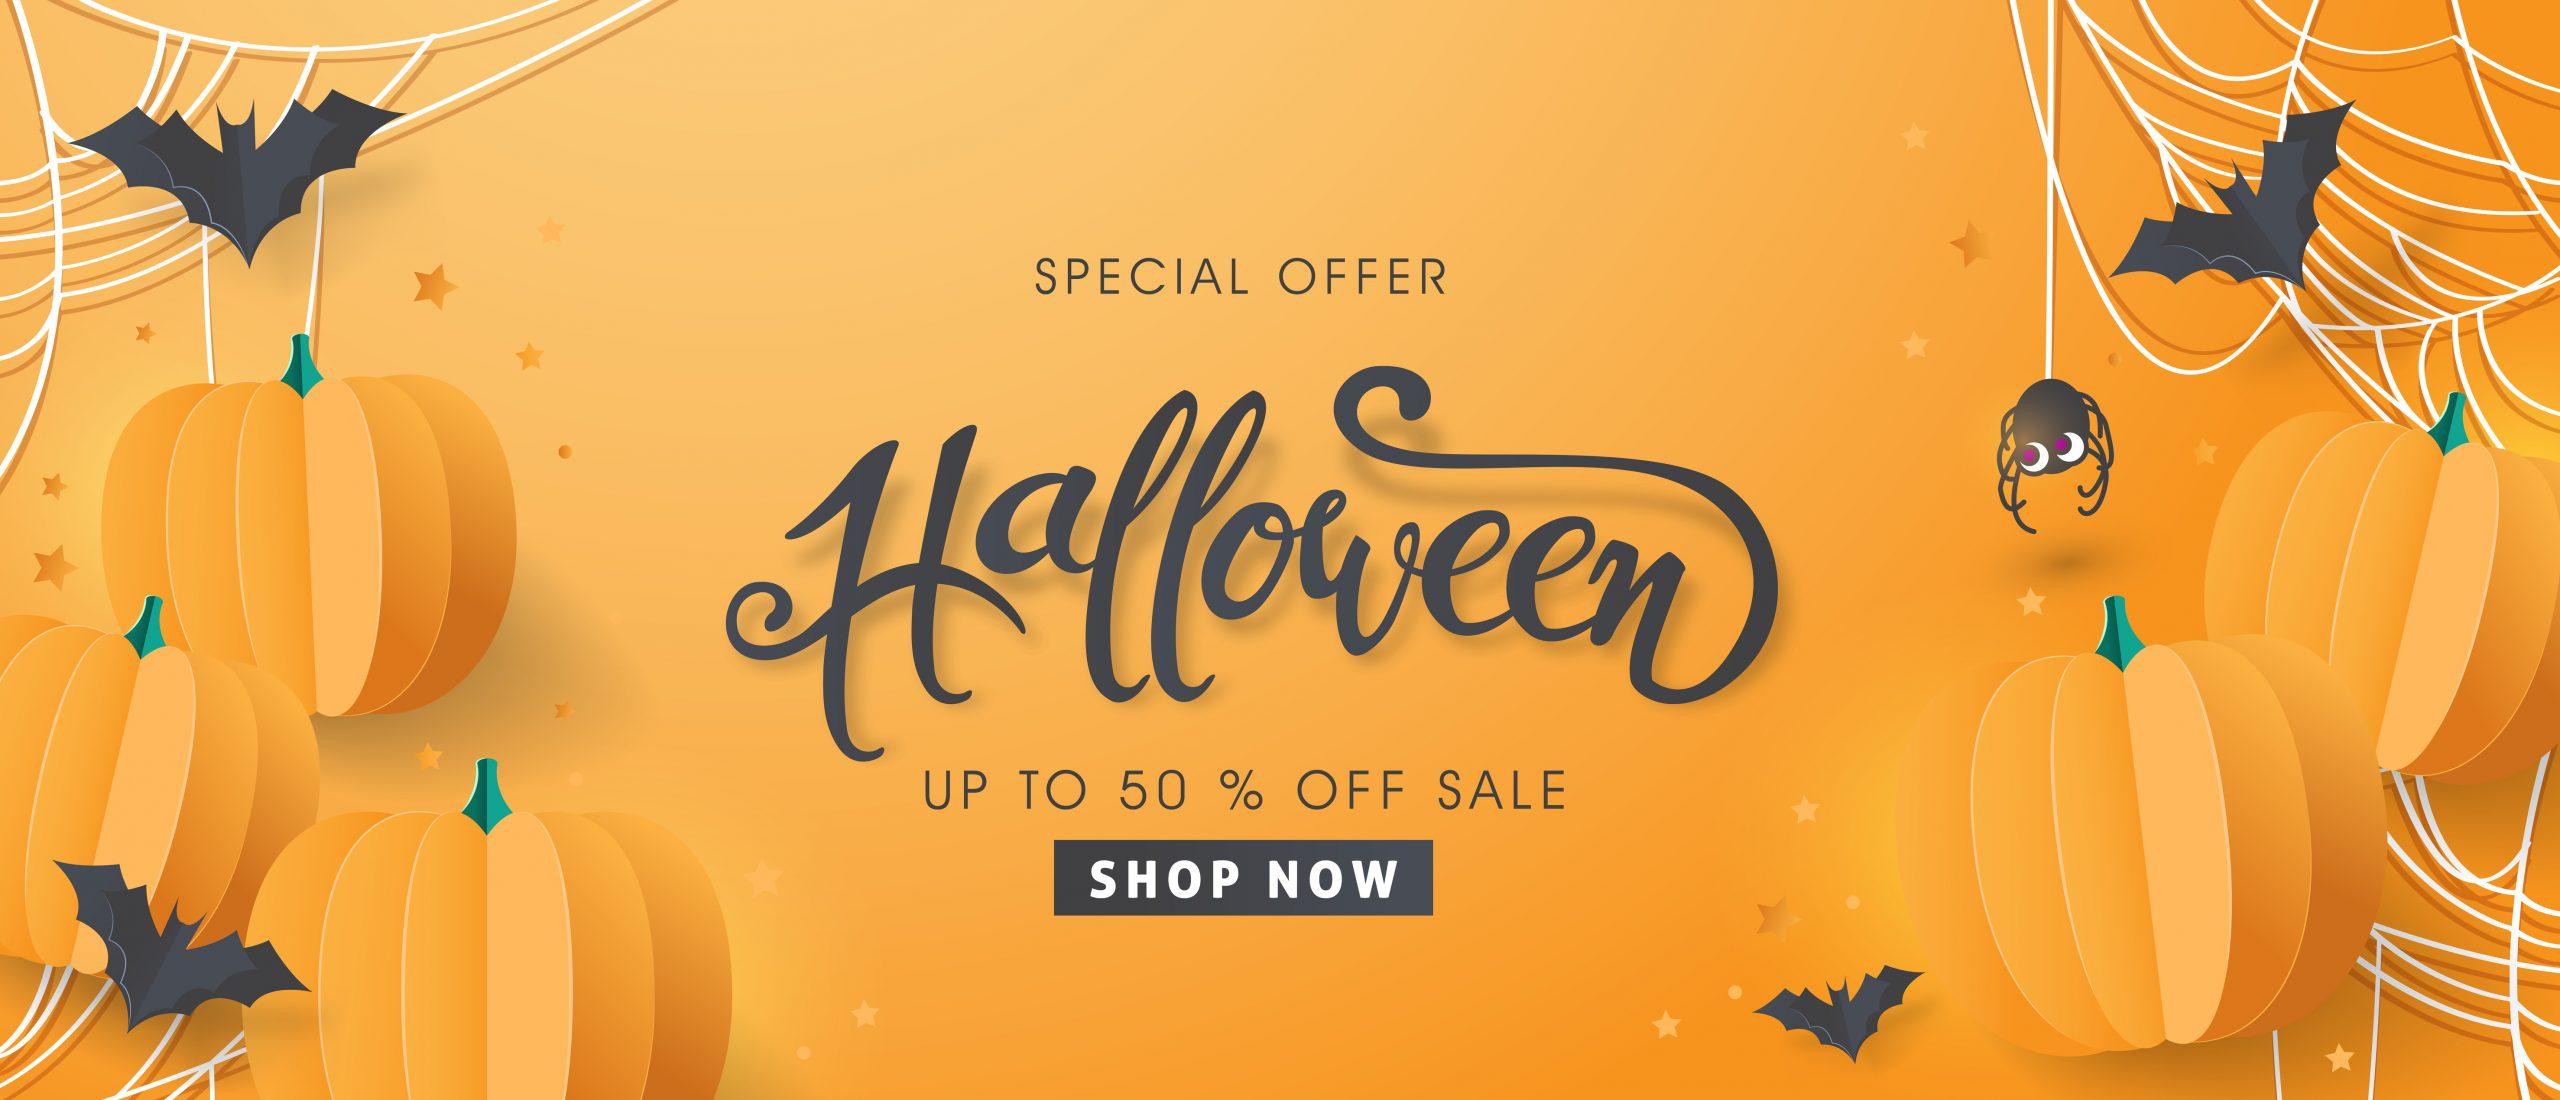 Happy Halloween sale banner